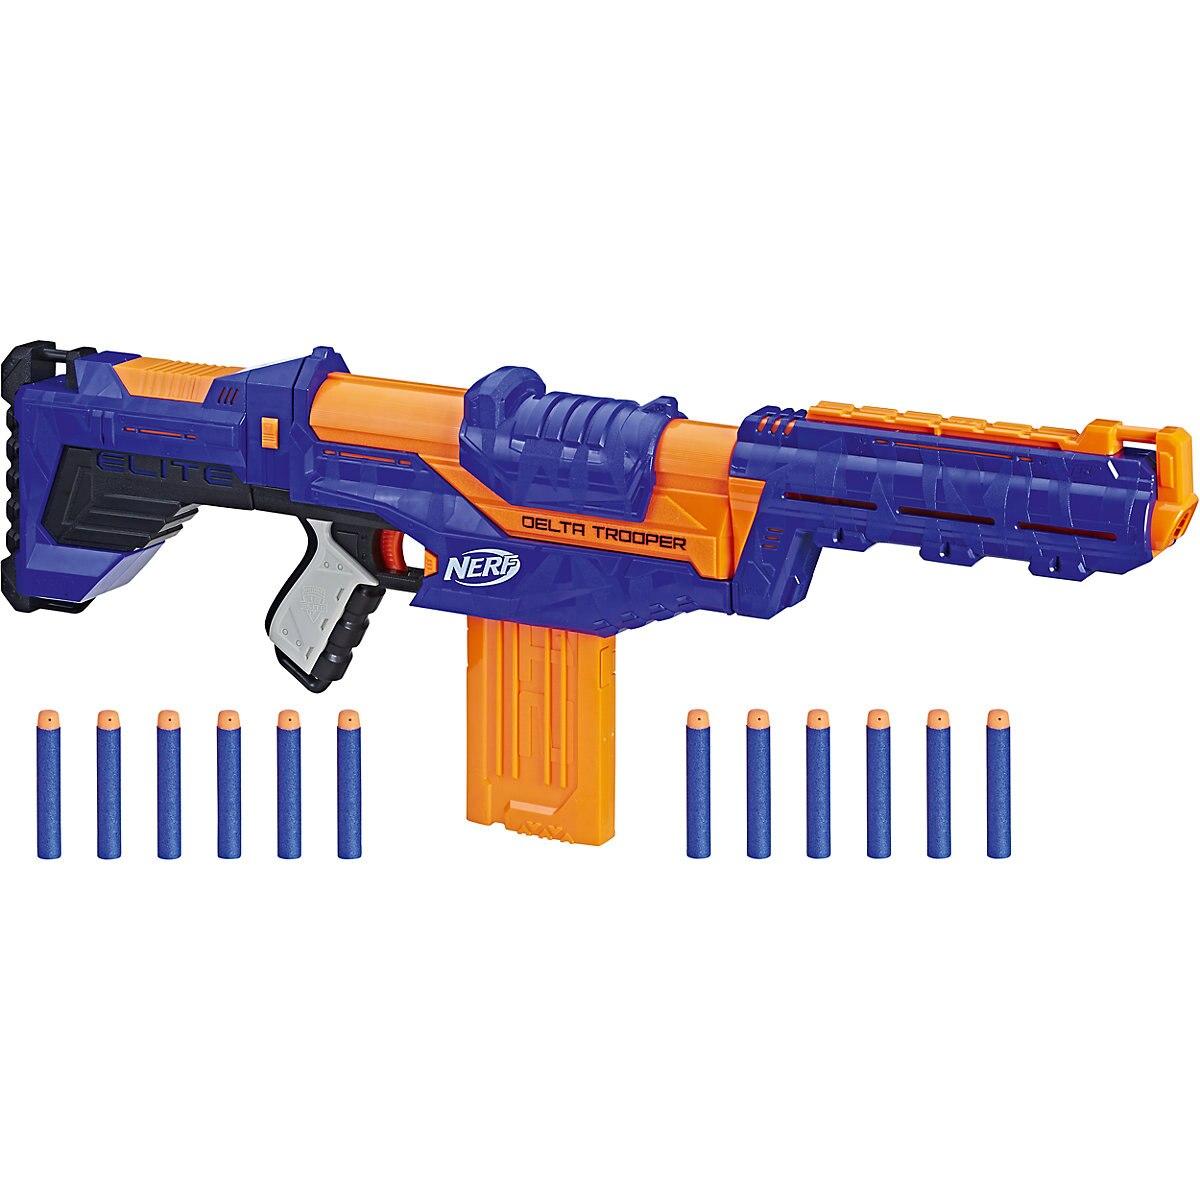 Pistolas de juguete NERF 8376467 niños juguete pistola de arma de fuego niños juegos de tiro al aire libre MTpromo